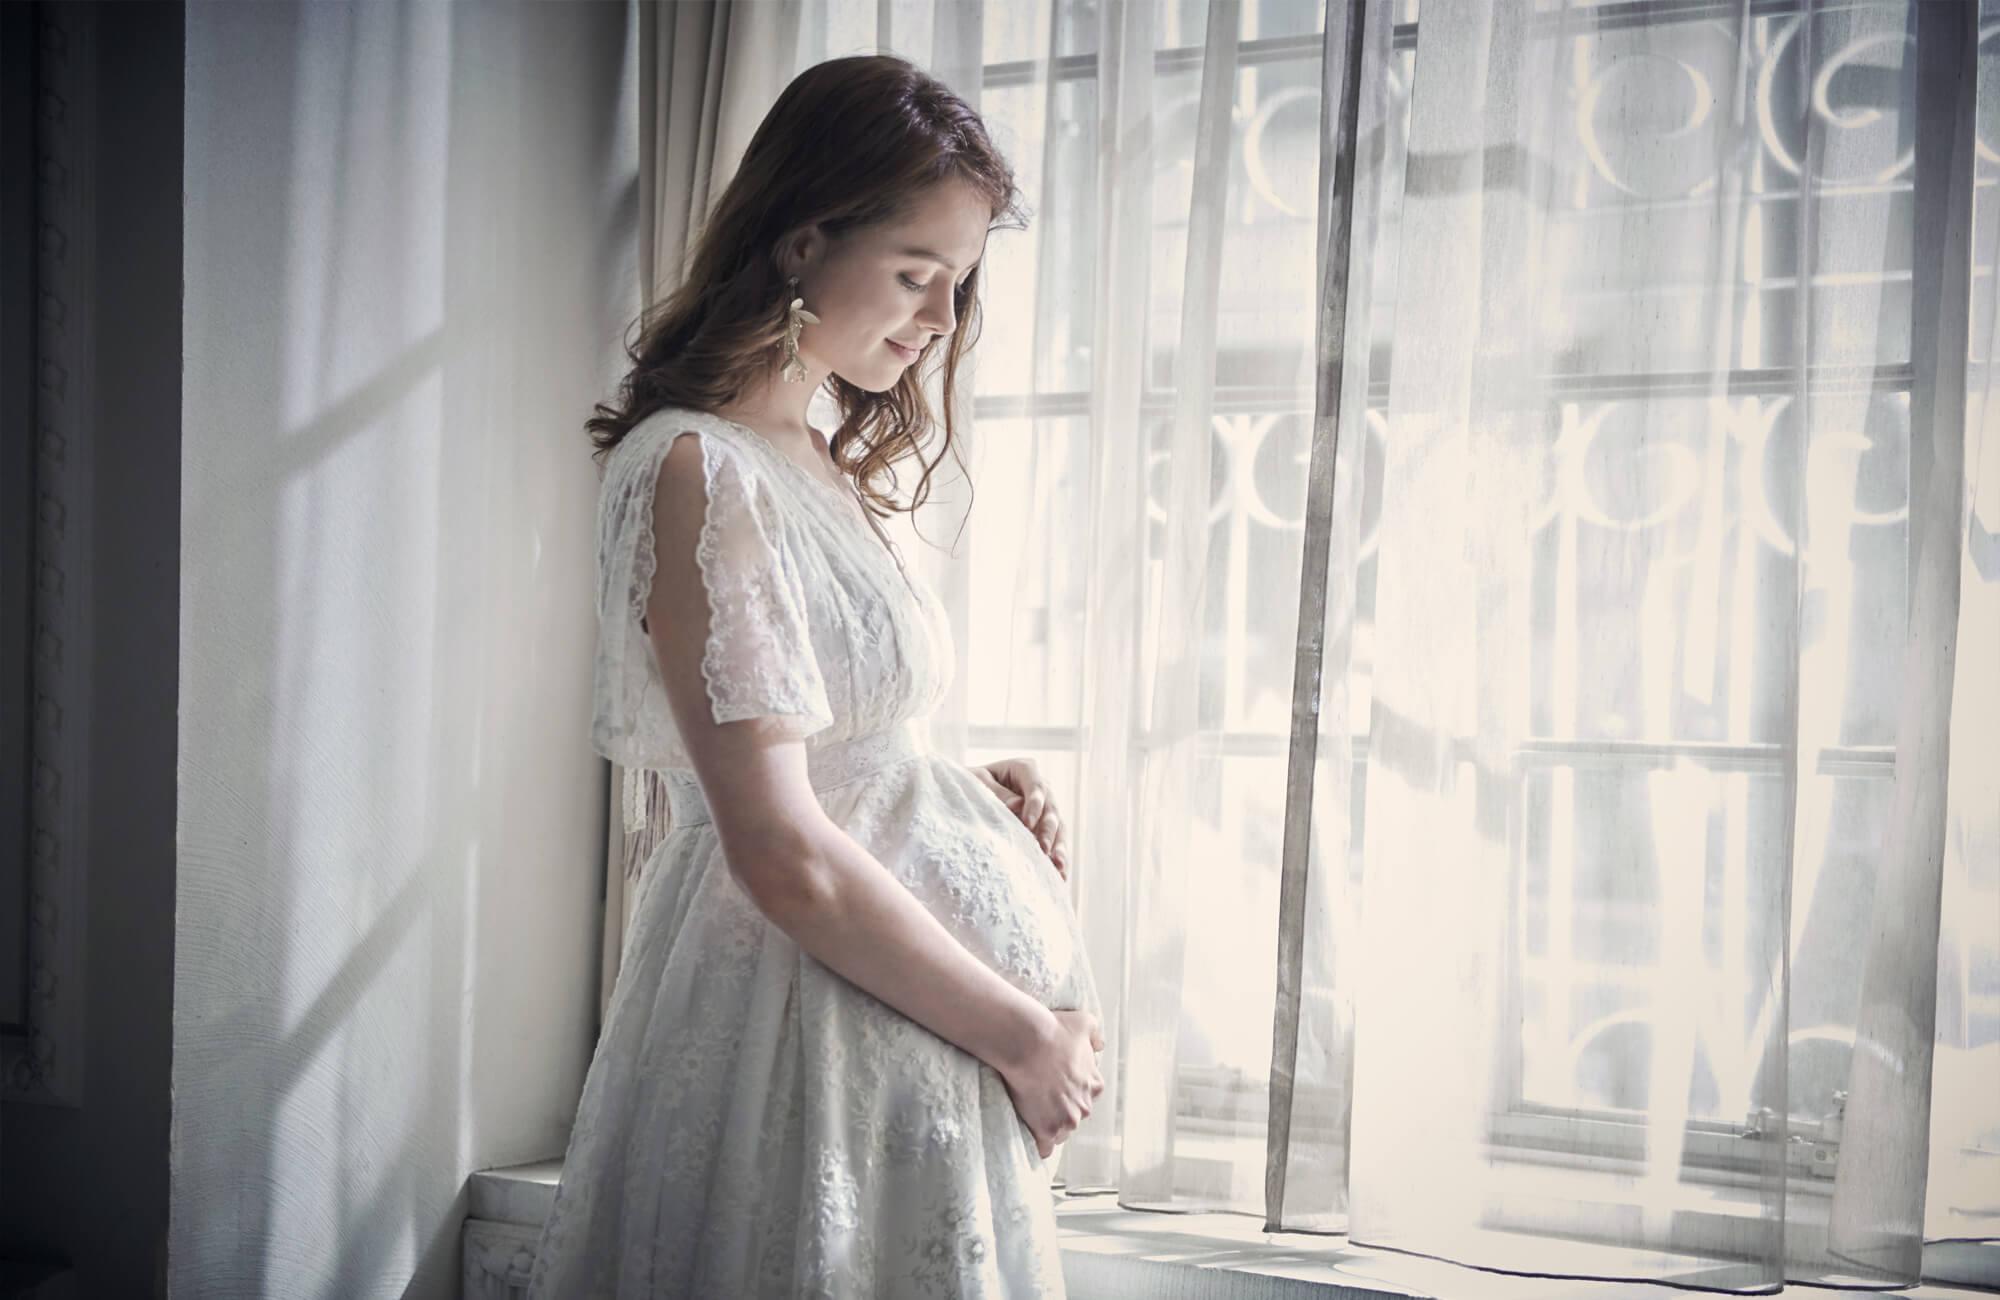 ドレス&ビューティーフォトギャラリー